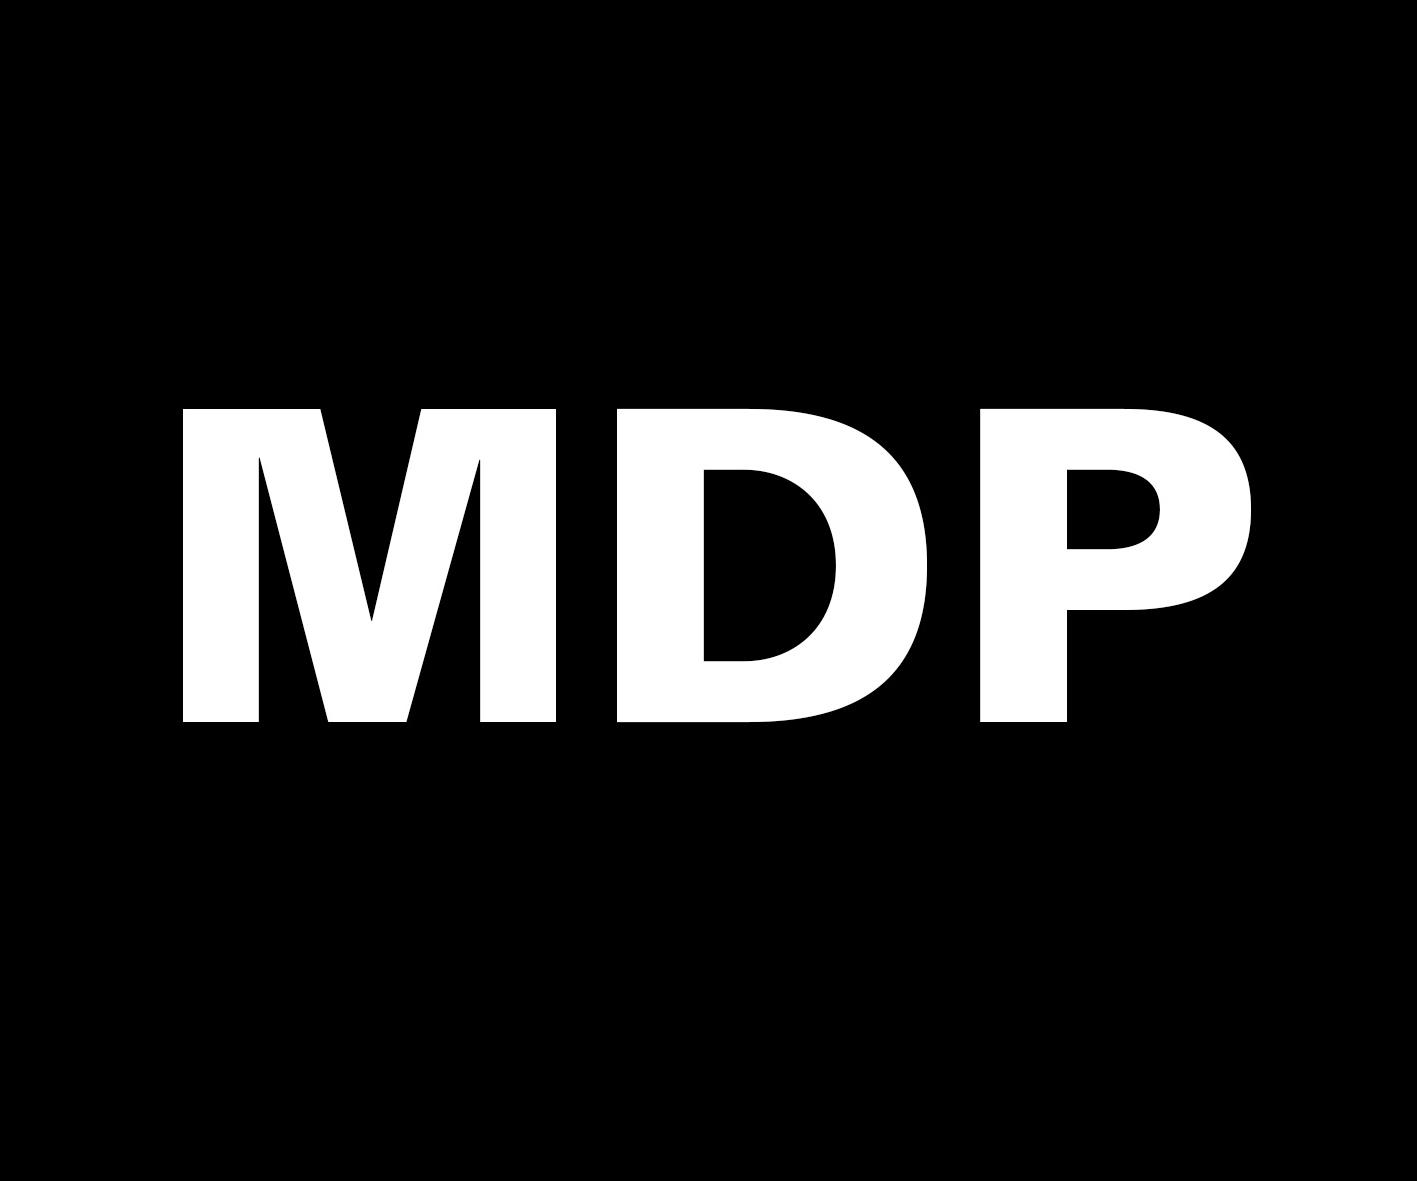 Moby-Dick Project / Laboratoire des objets libres / Pierre Baumann